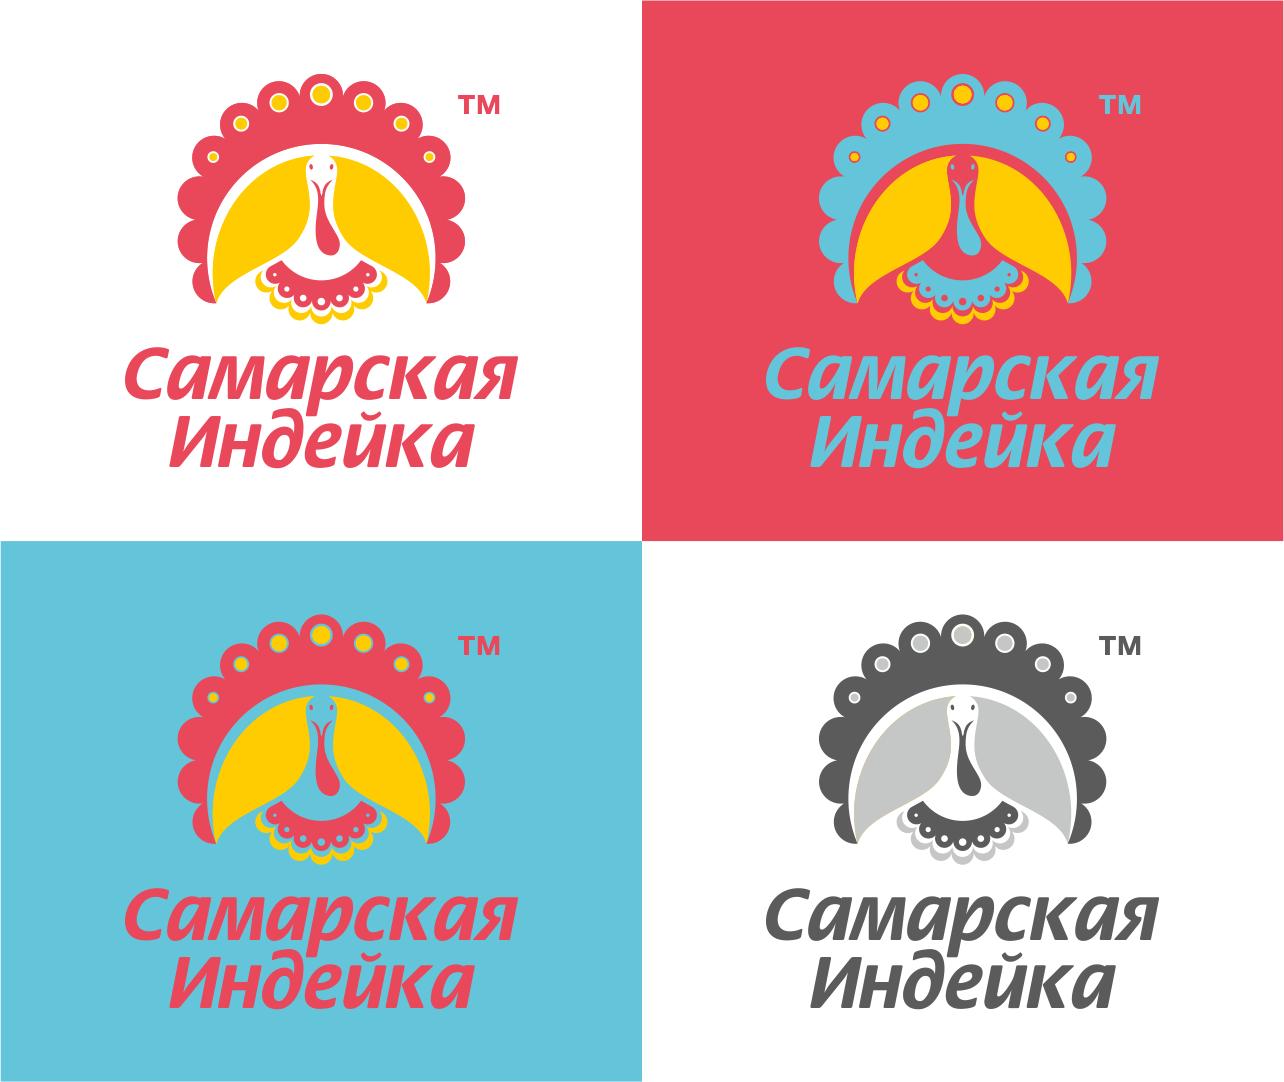 Создание логотипа Сельхоз производителя фото f_63855e4035a94f78.png